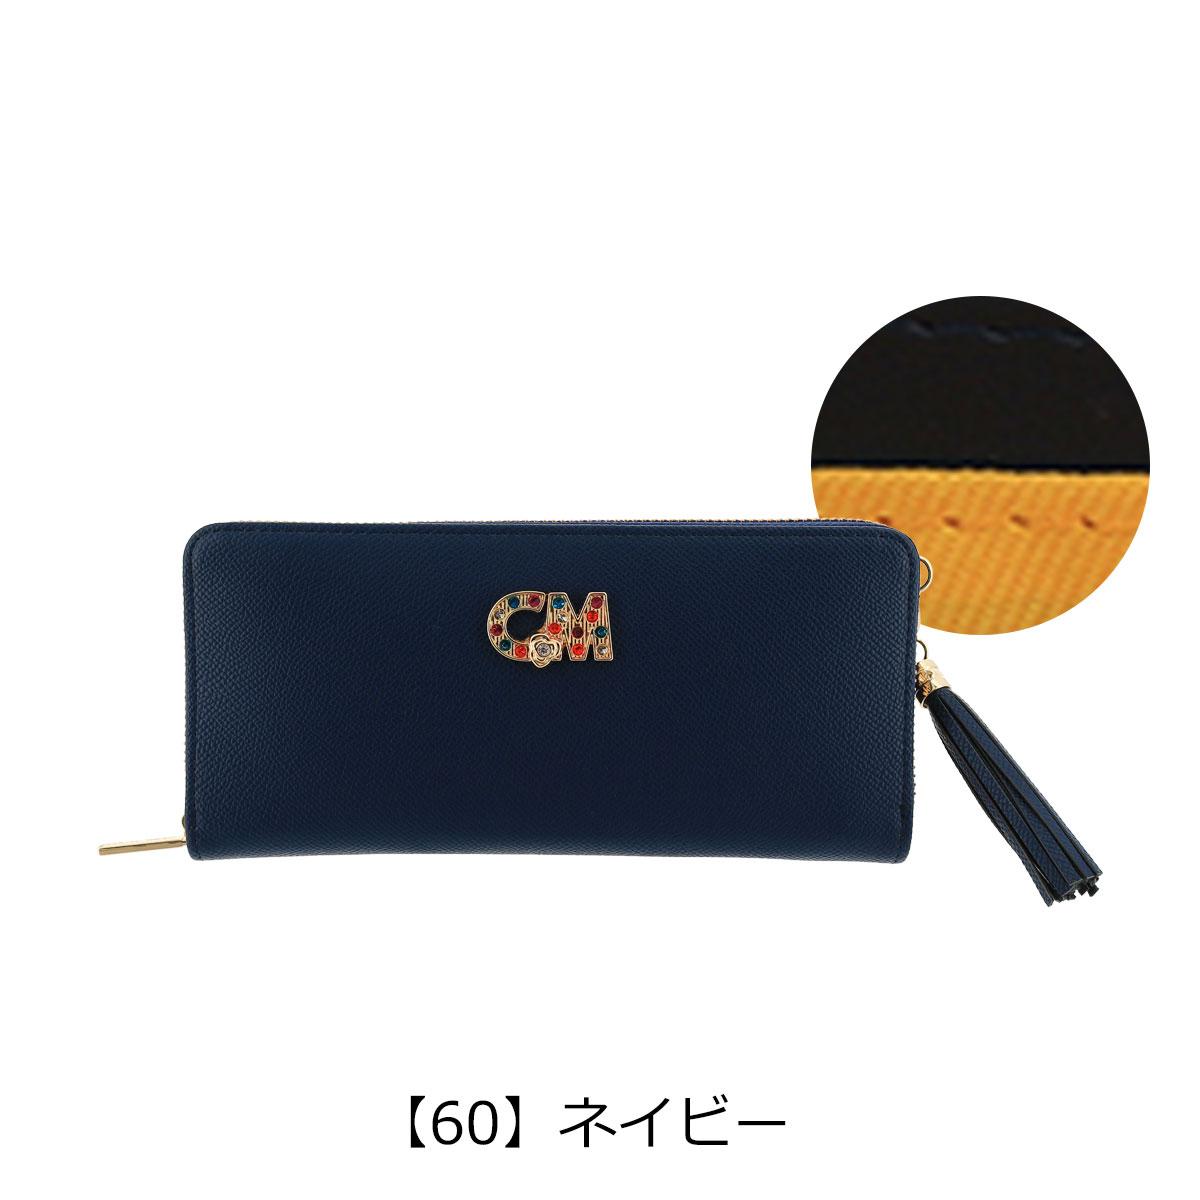 【60】ネイビー